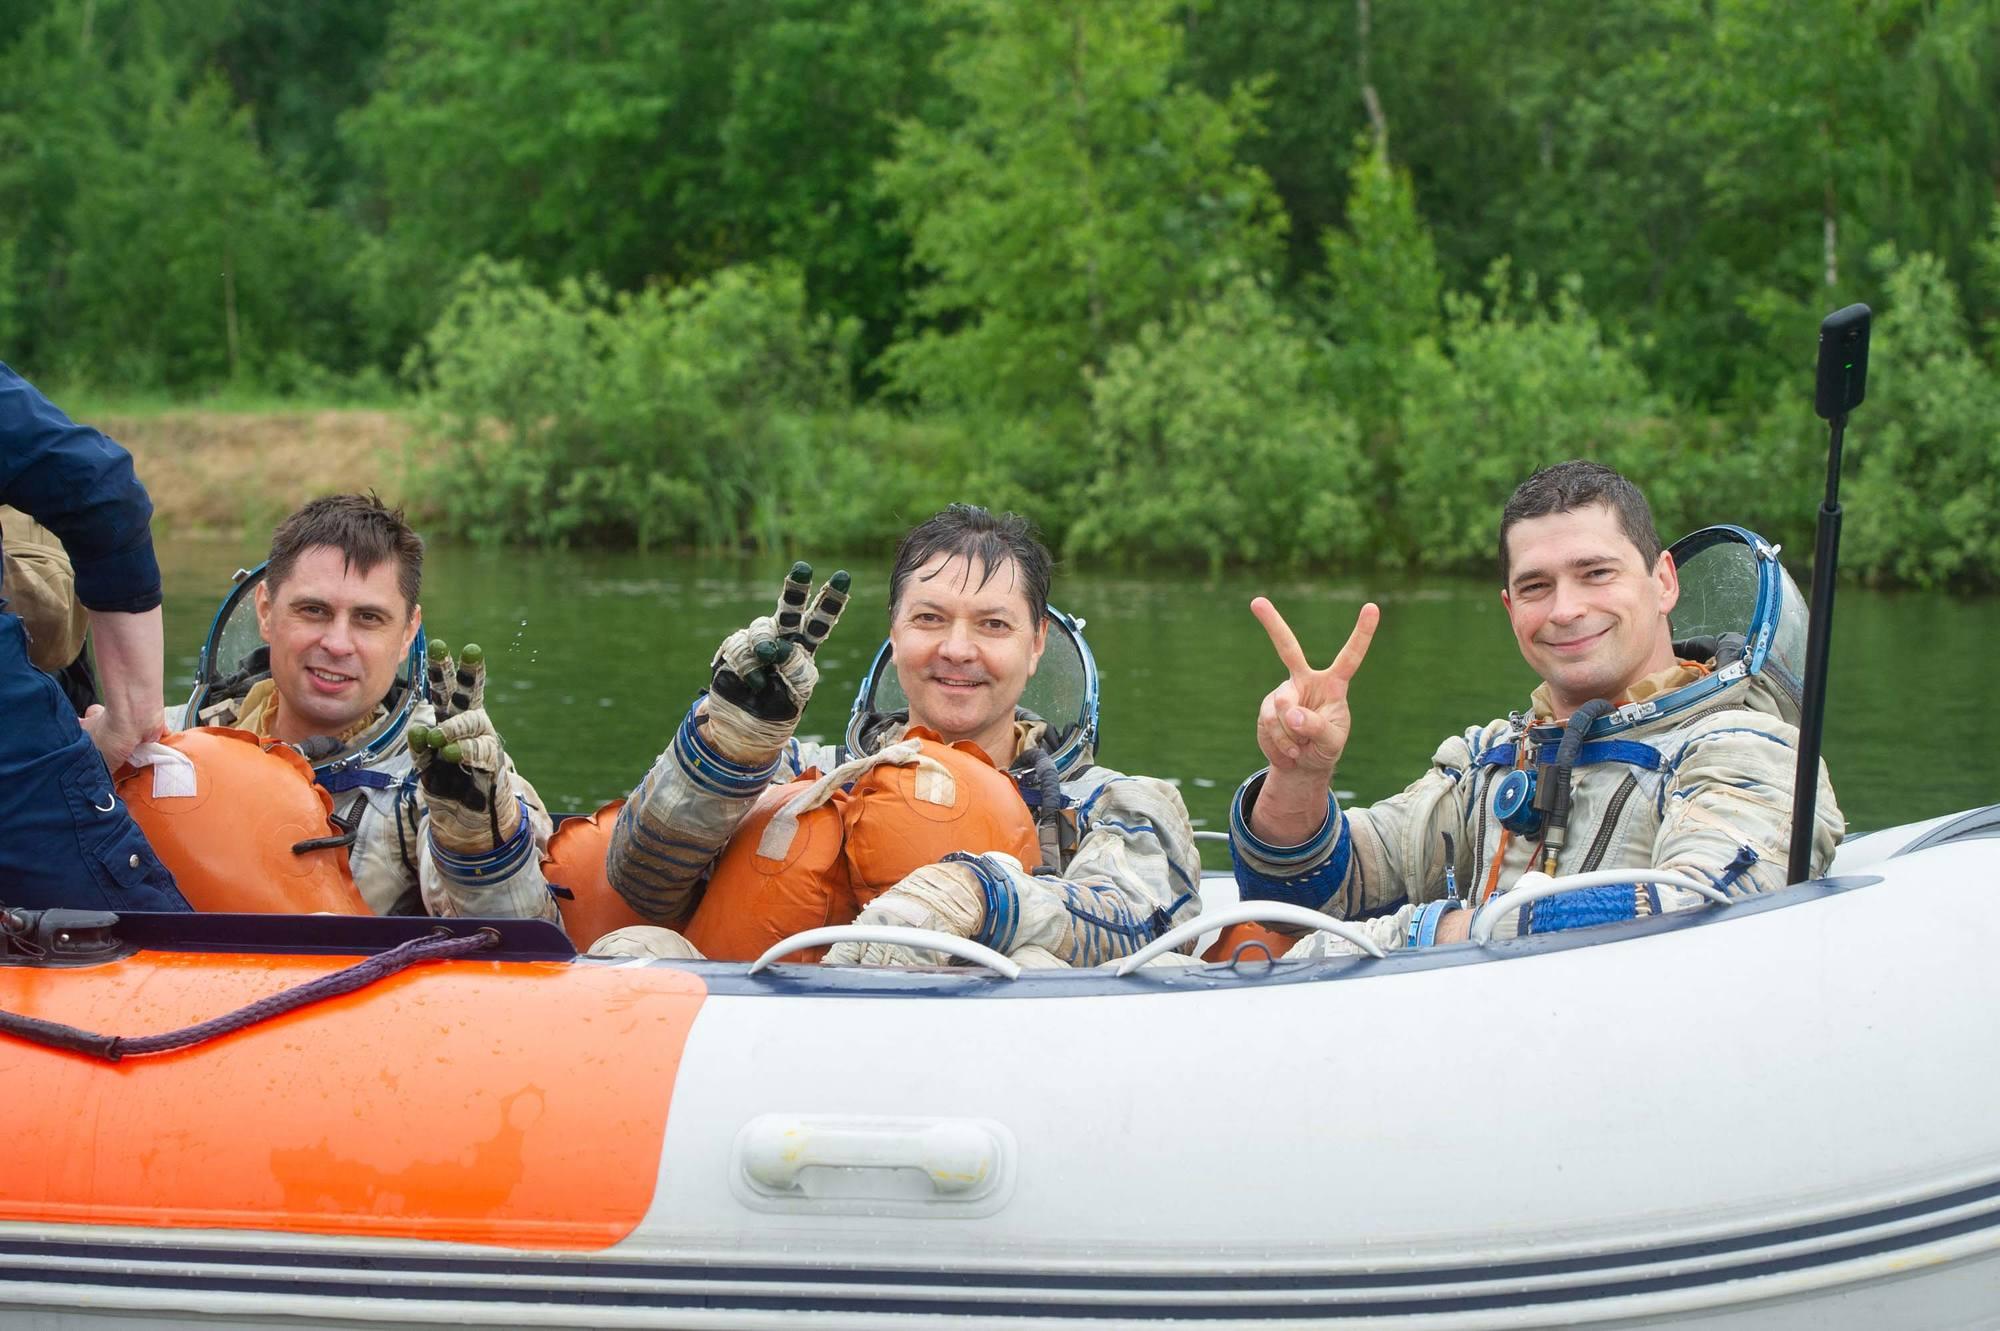 Le canot de sauvetage est là pour hisser les cosmonautes, satisfait de leur bref mais intense effort.